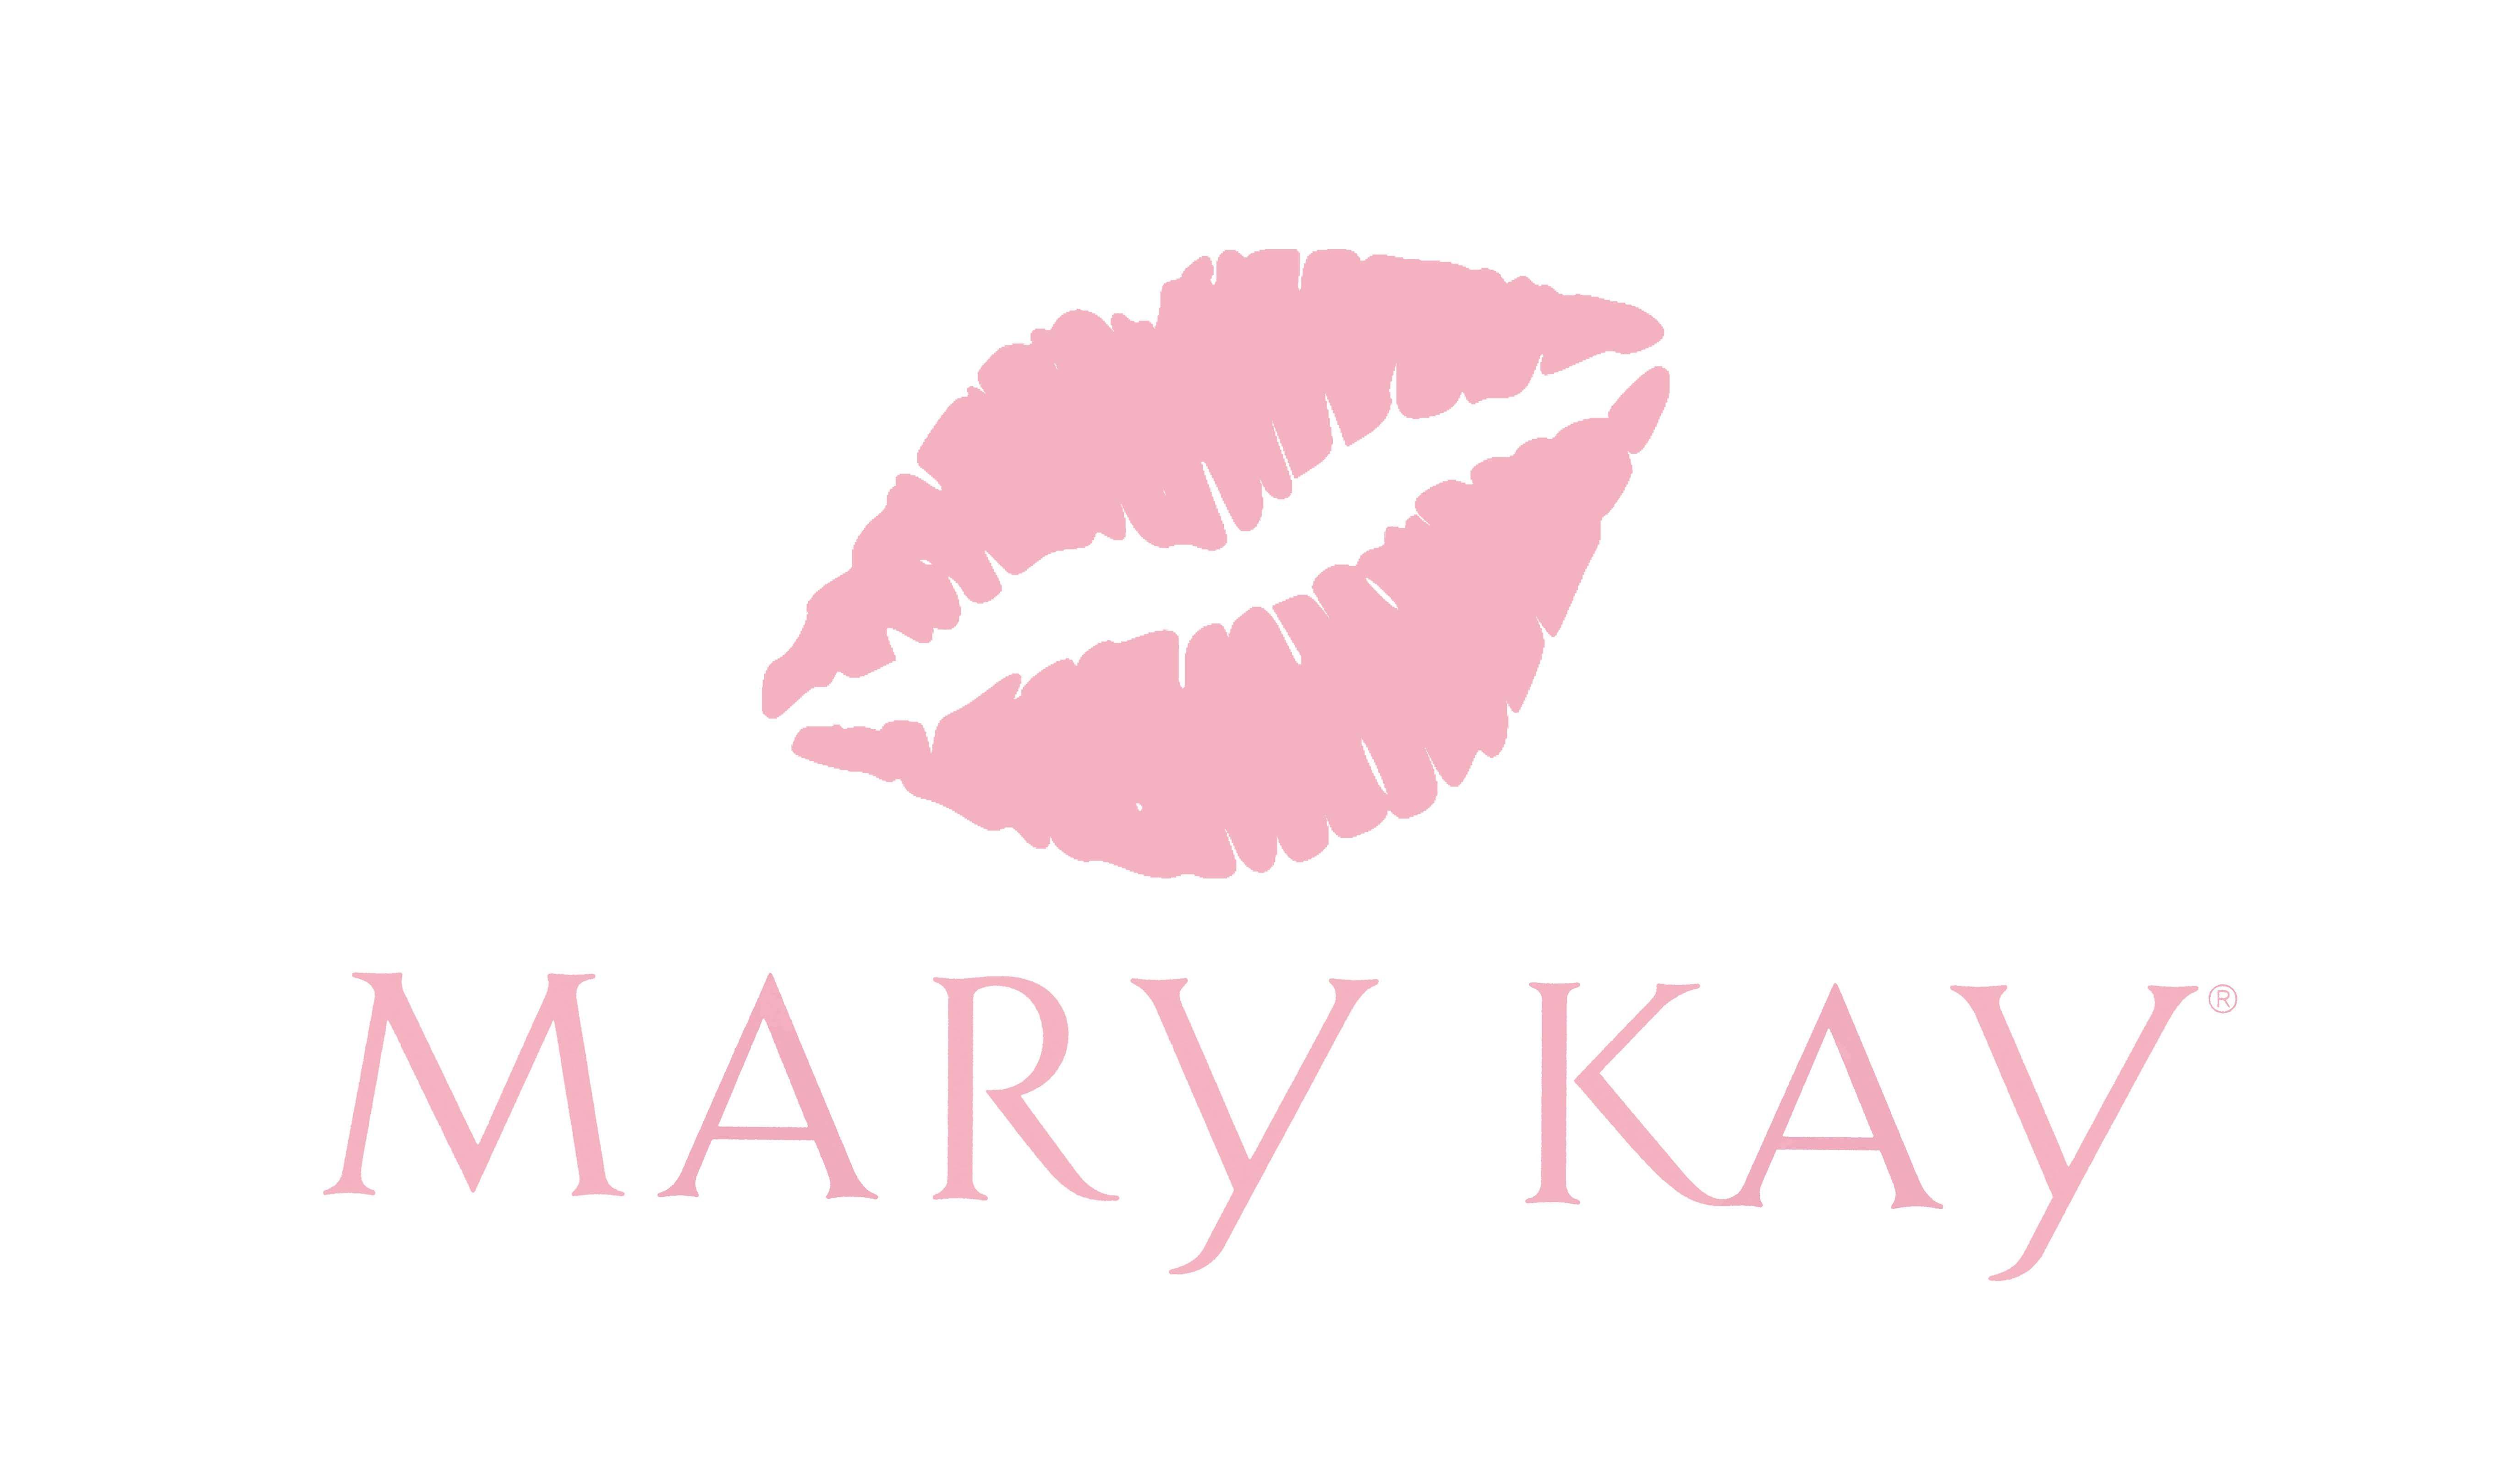 Image Result For Mary Kay Graphics Mary Kay Logo Mary Kay Mary Kay Party